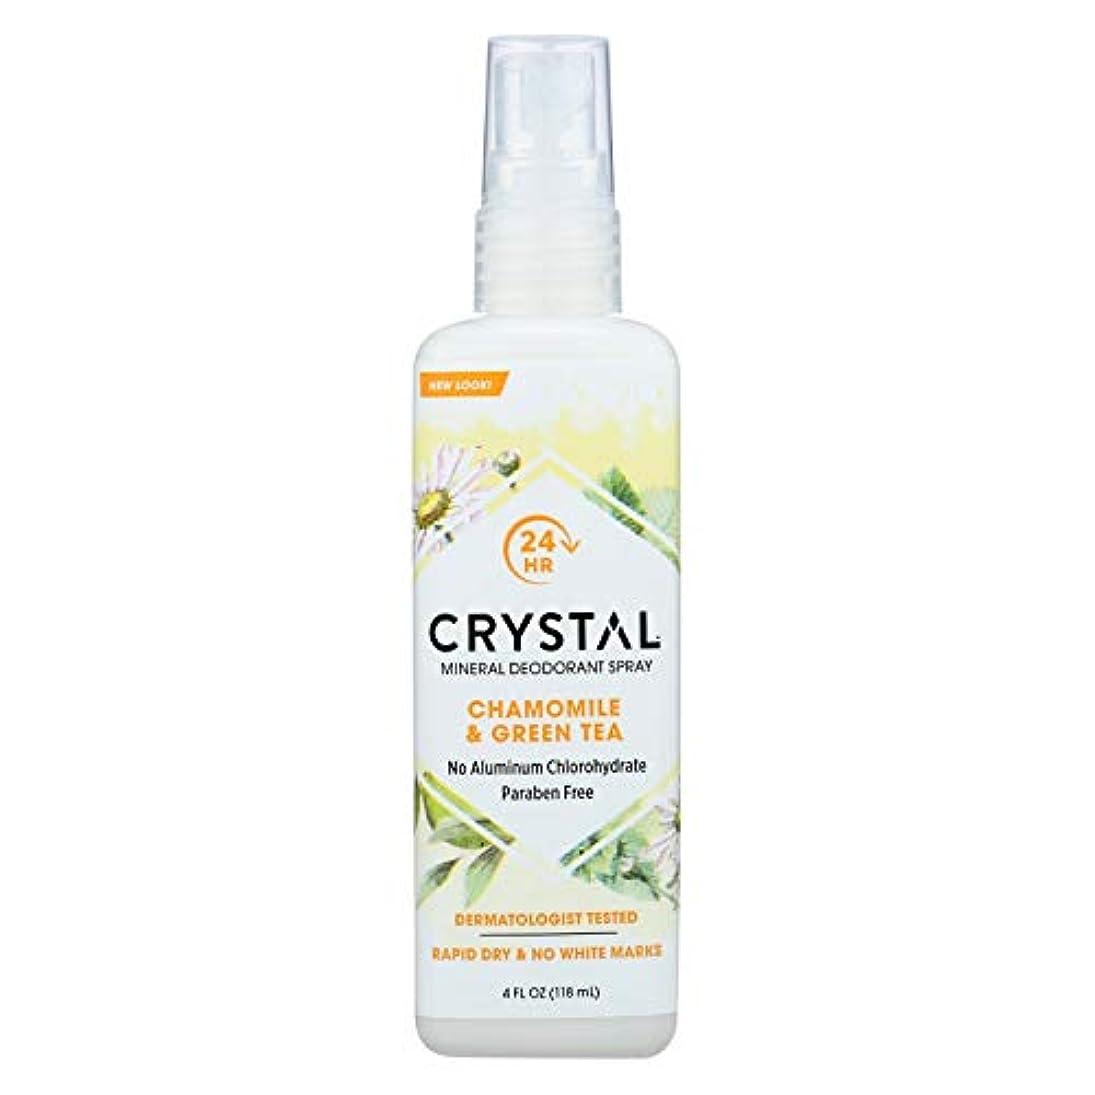 十一集中複雑でないCrystal Body Deodorant - 水晶本質のフランスの運輸Chamomile及び緑茶によるミネラル防臭剤ボディスプレー - 4ポンド